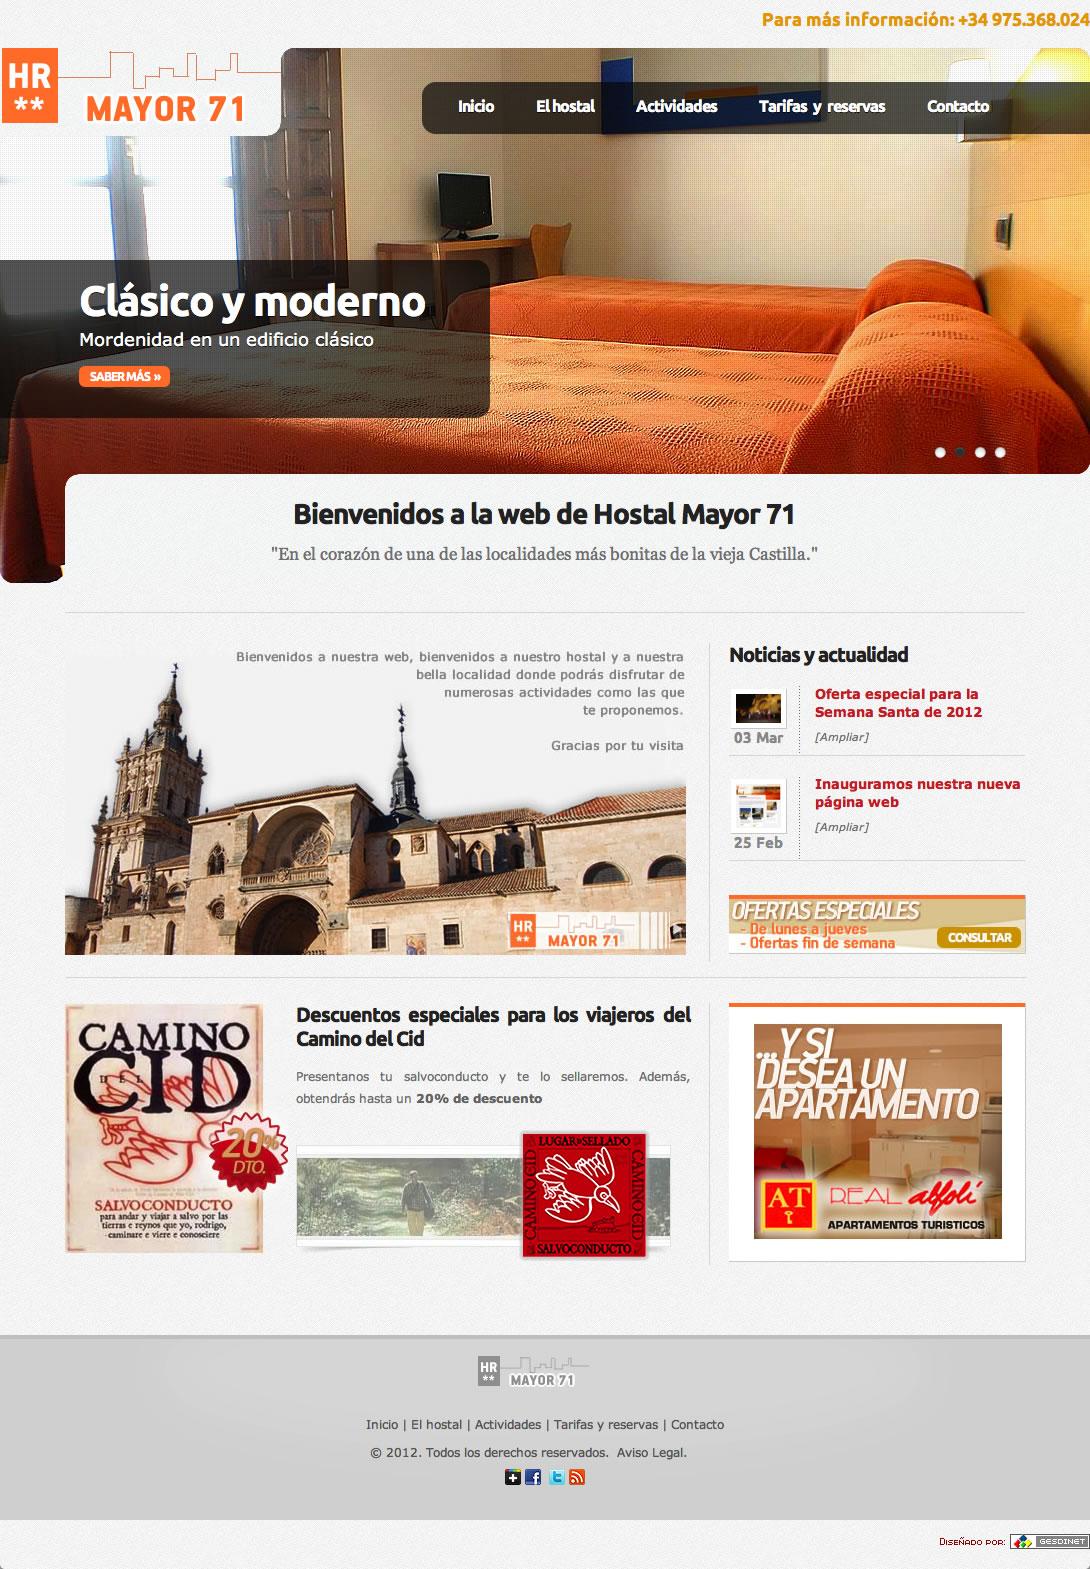 Finalizada la web del Hostal Mayor 71 y de los apartamentos Real Alfolí de El burgo de Osma